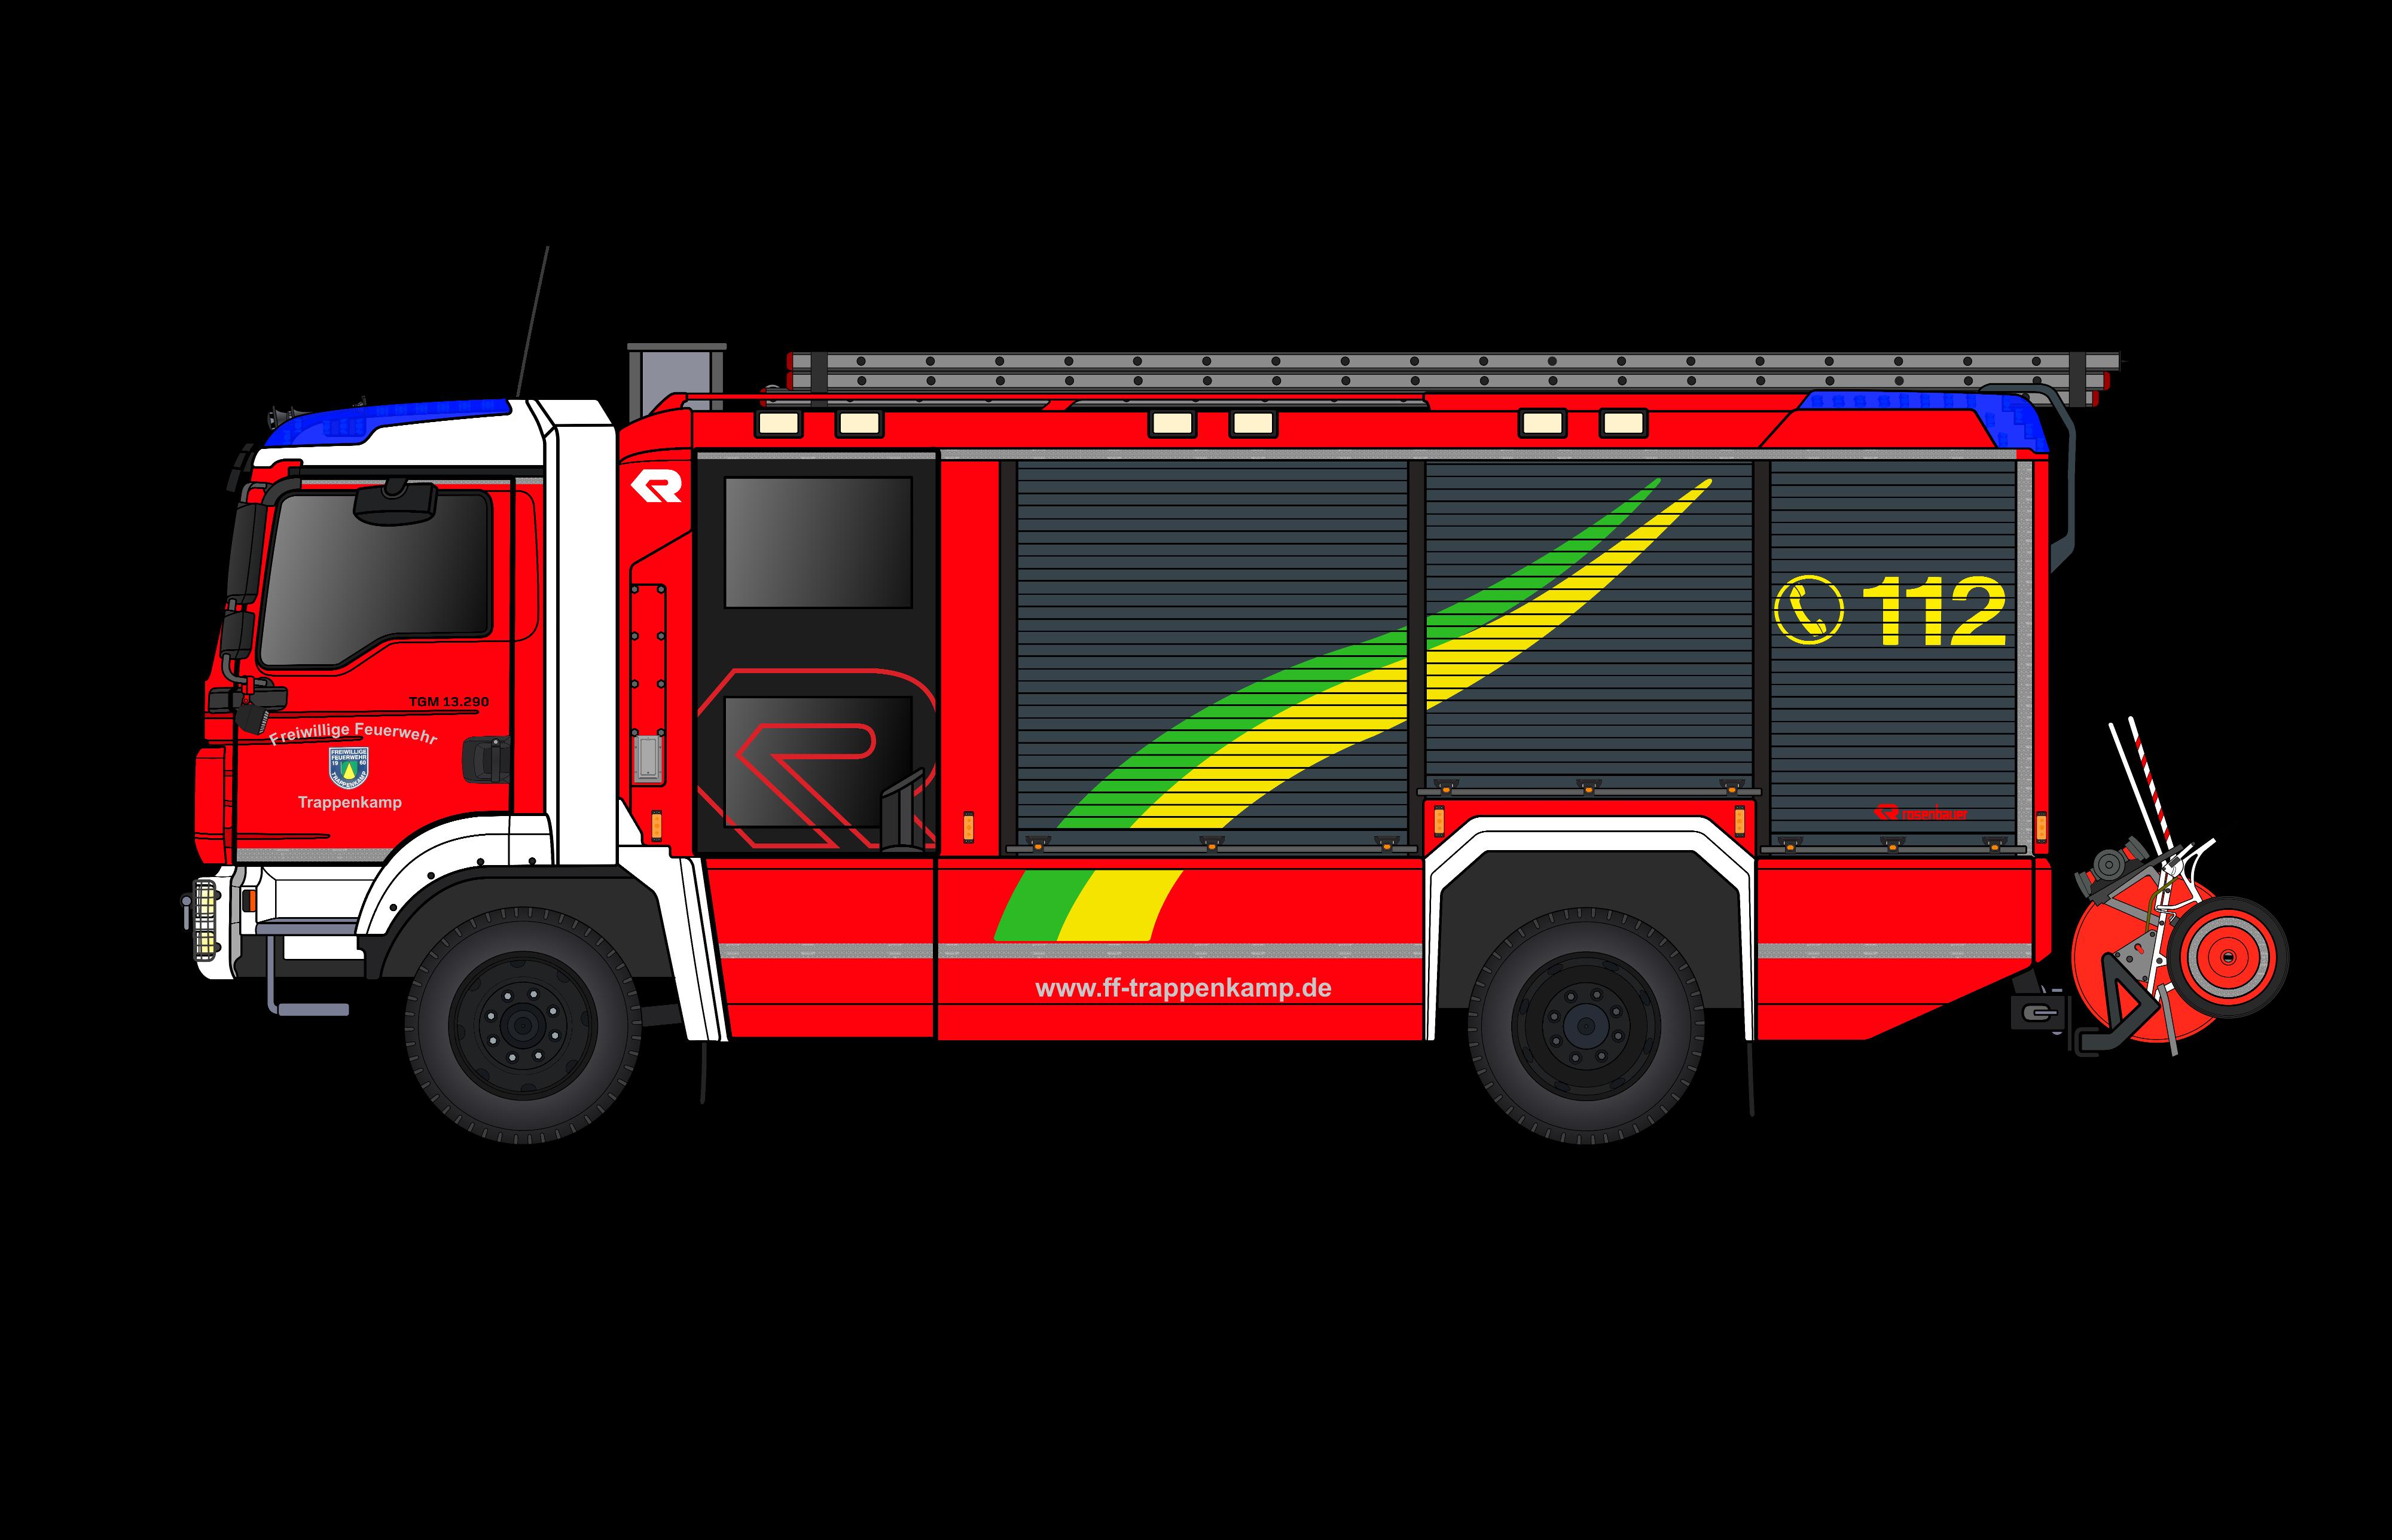 35950-hlf-trappenkamp-png